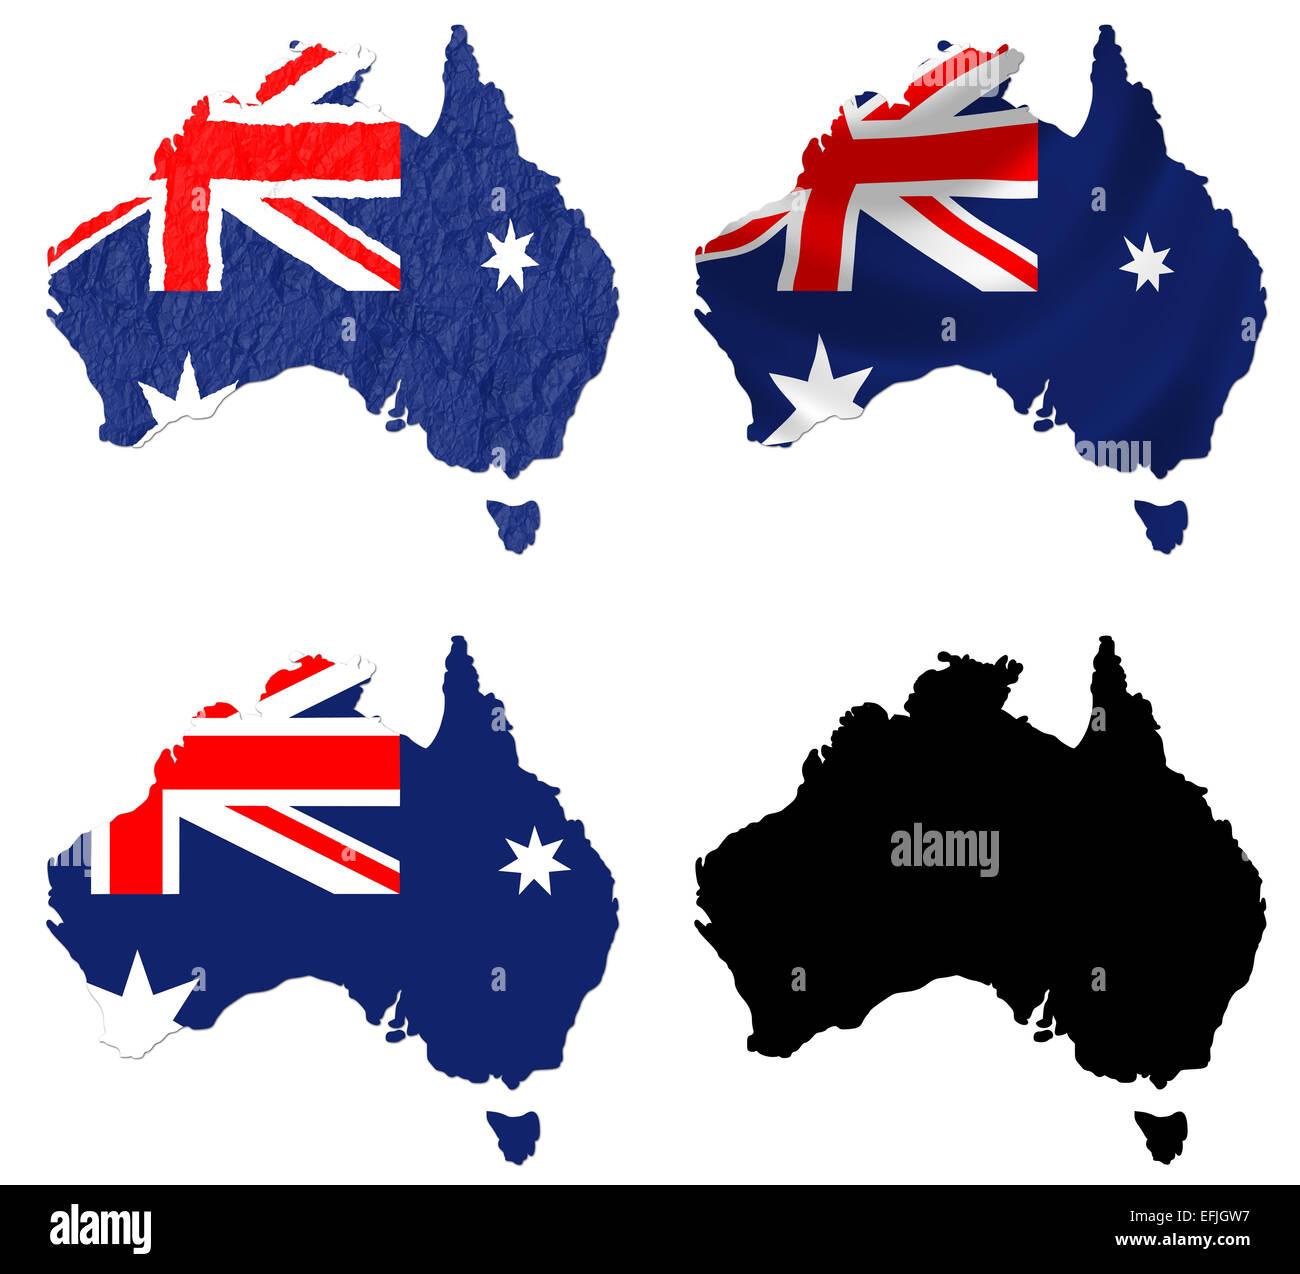 Australia flag over map - Stock Image